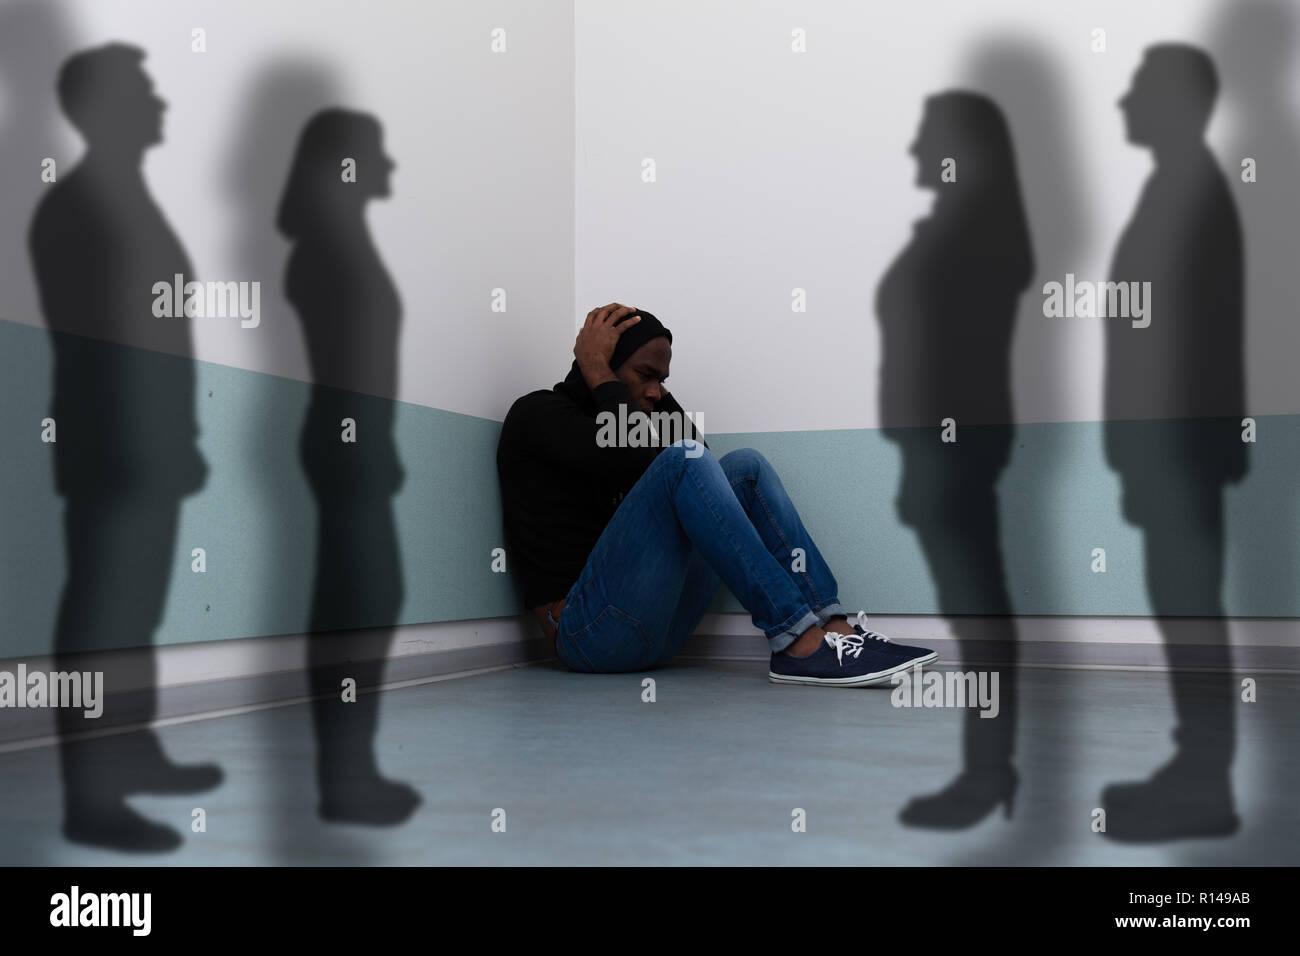 Die Schatten von Menschen, die in der Nähe von Angst Mann sitzt auf dem Boden Stockbild